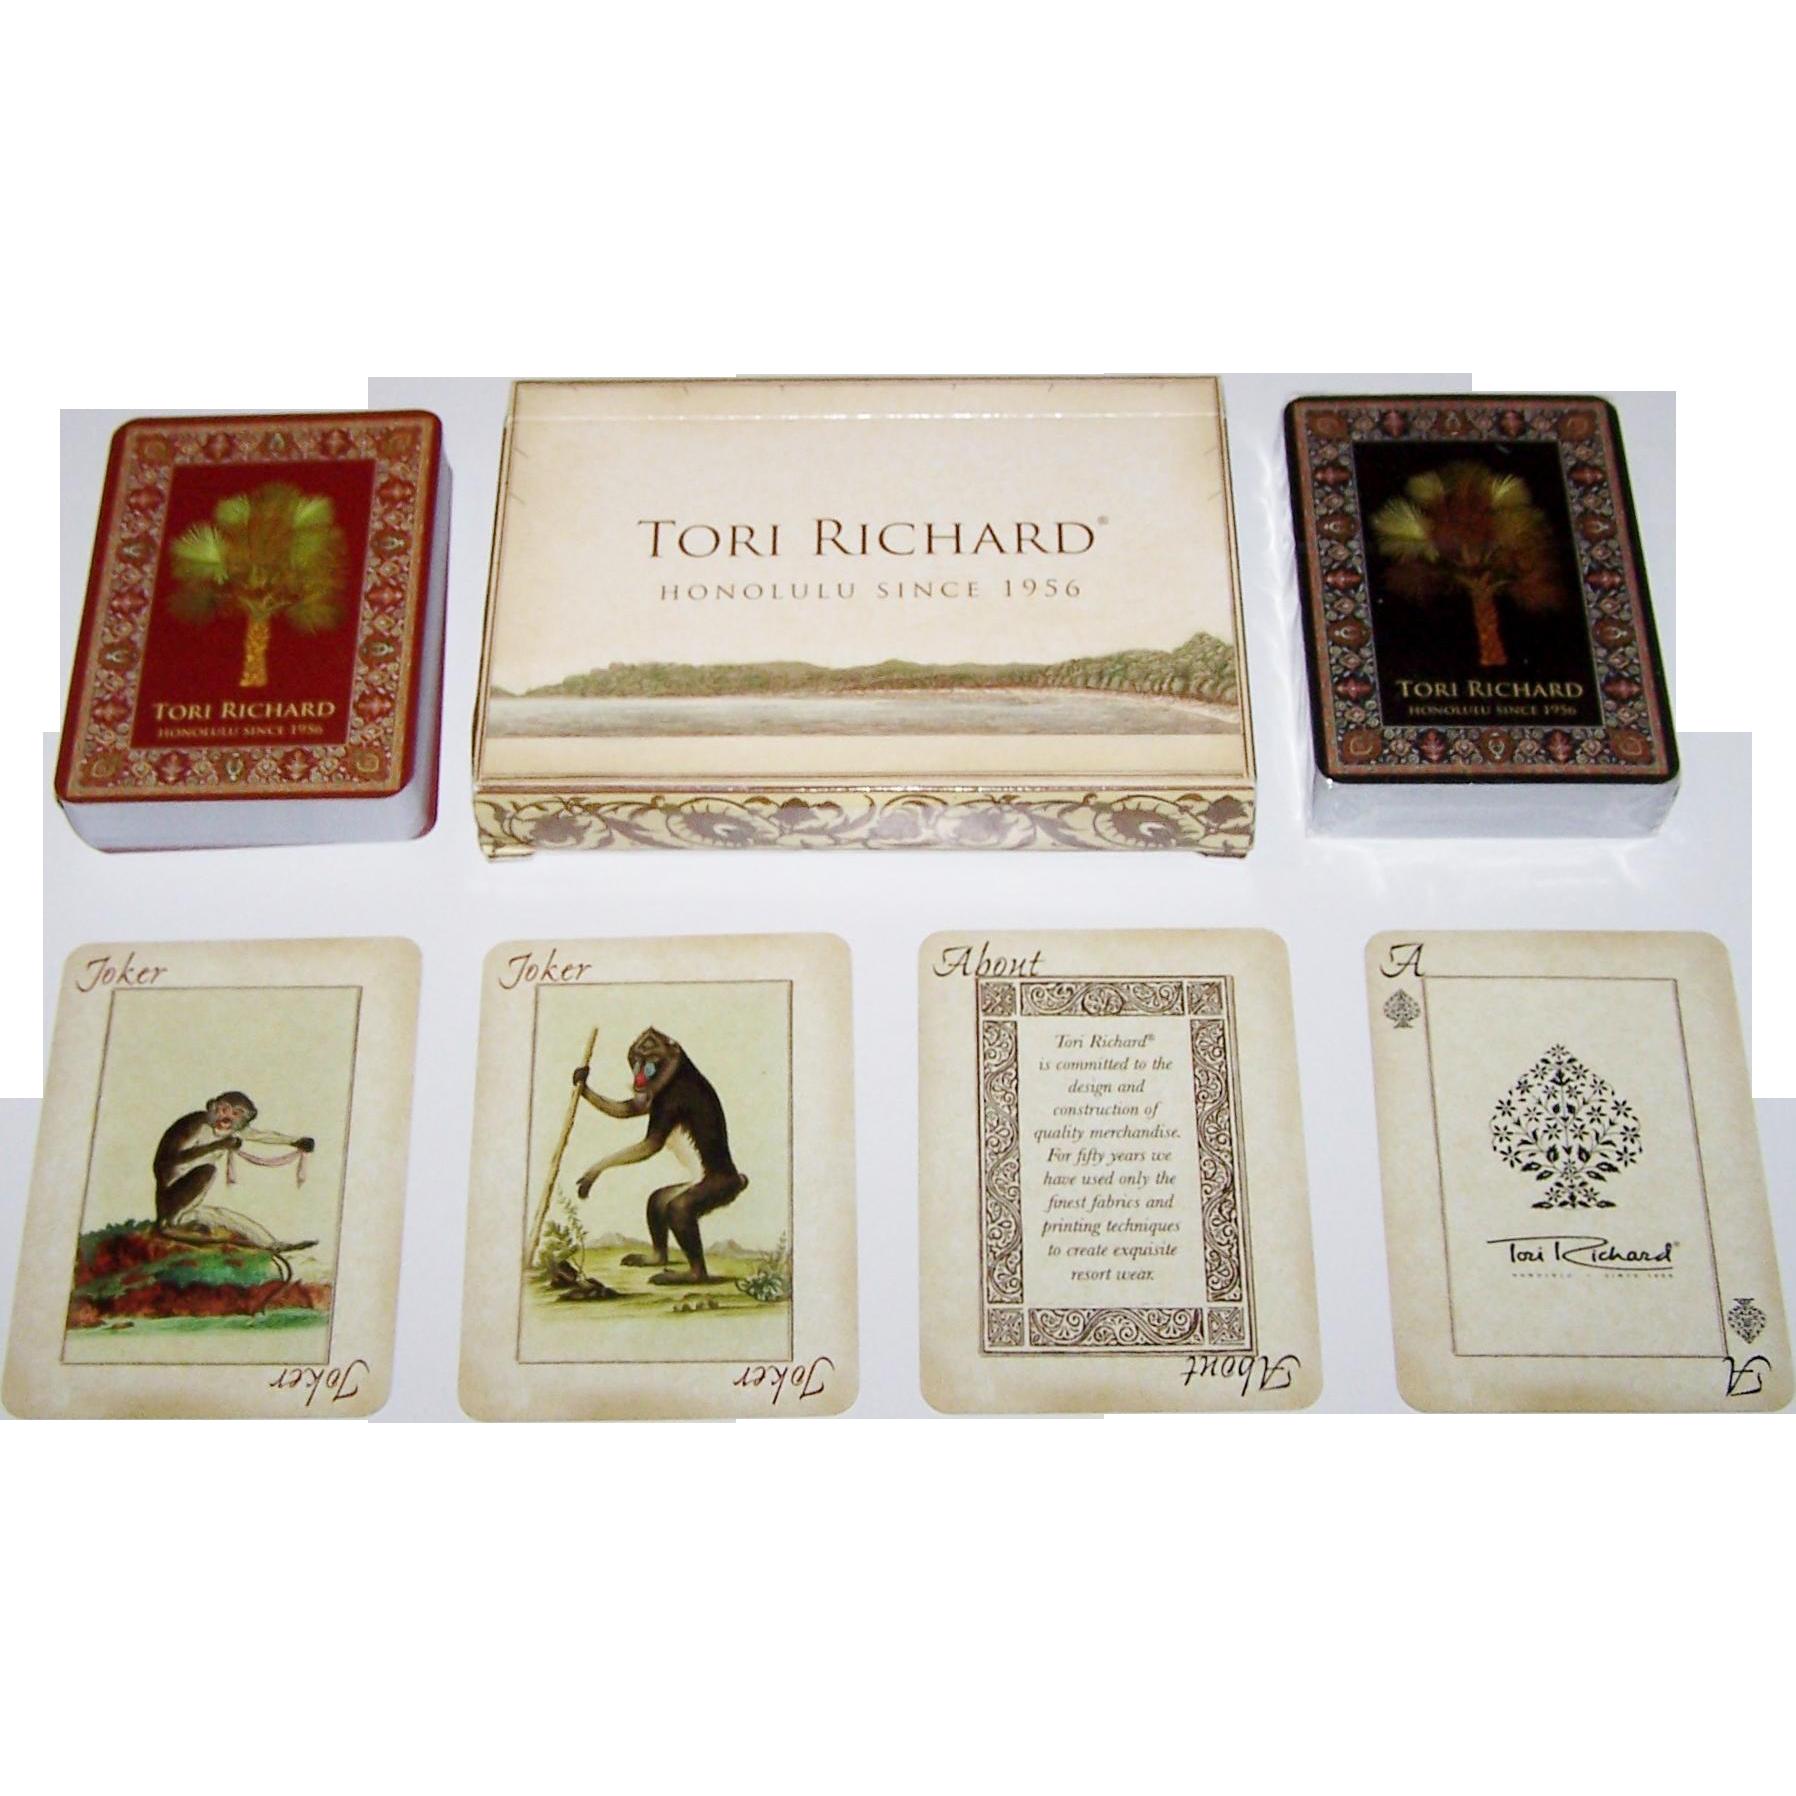 """Double Deck """"Tori Richard"""" Playing Cards, Cristina Rosa Designs/Conception, Unique Suit Symbols, Maker Unknown"""